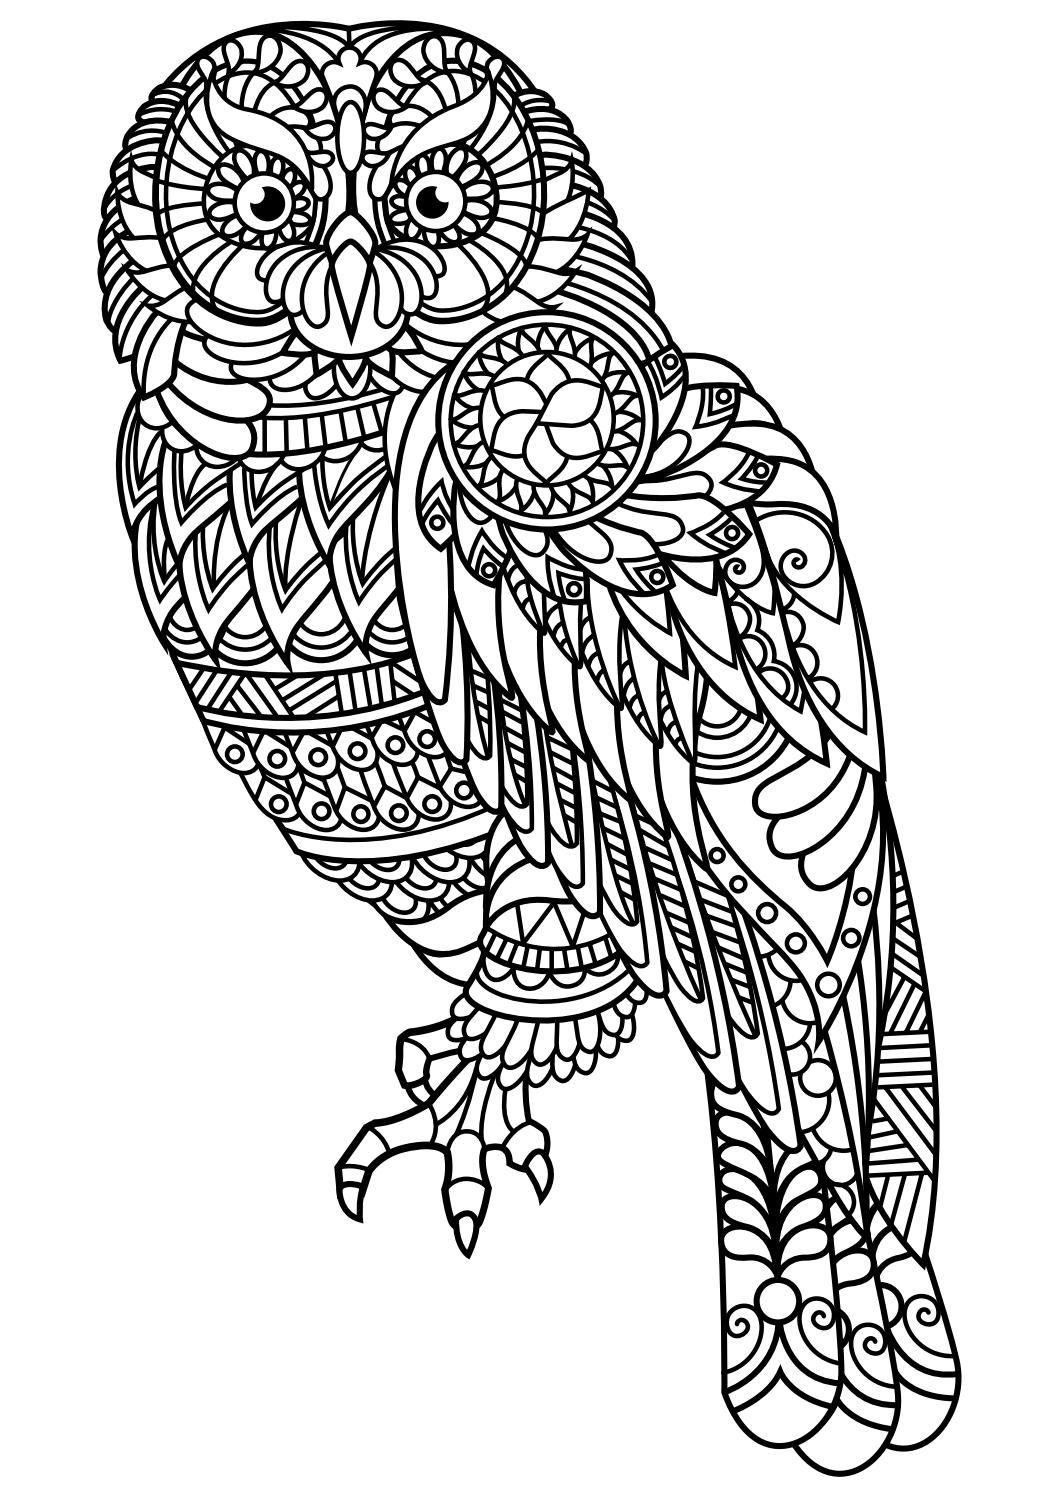 1059x1497 Animal Coloring Pages Pdf Mandalas, Colorear Y Libros Para Colorear